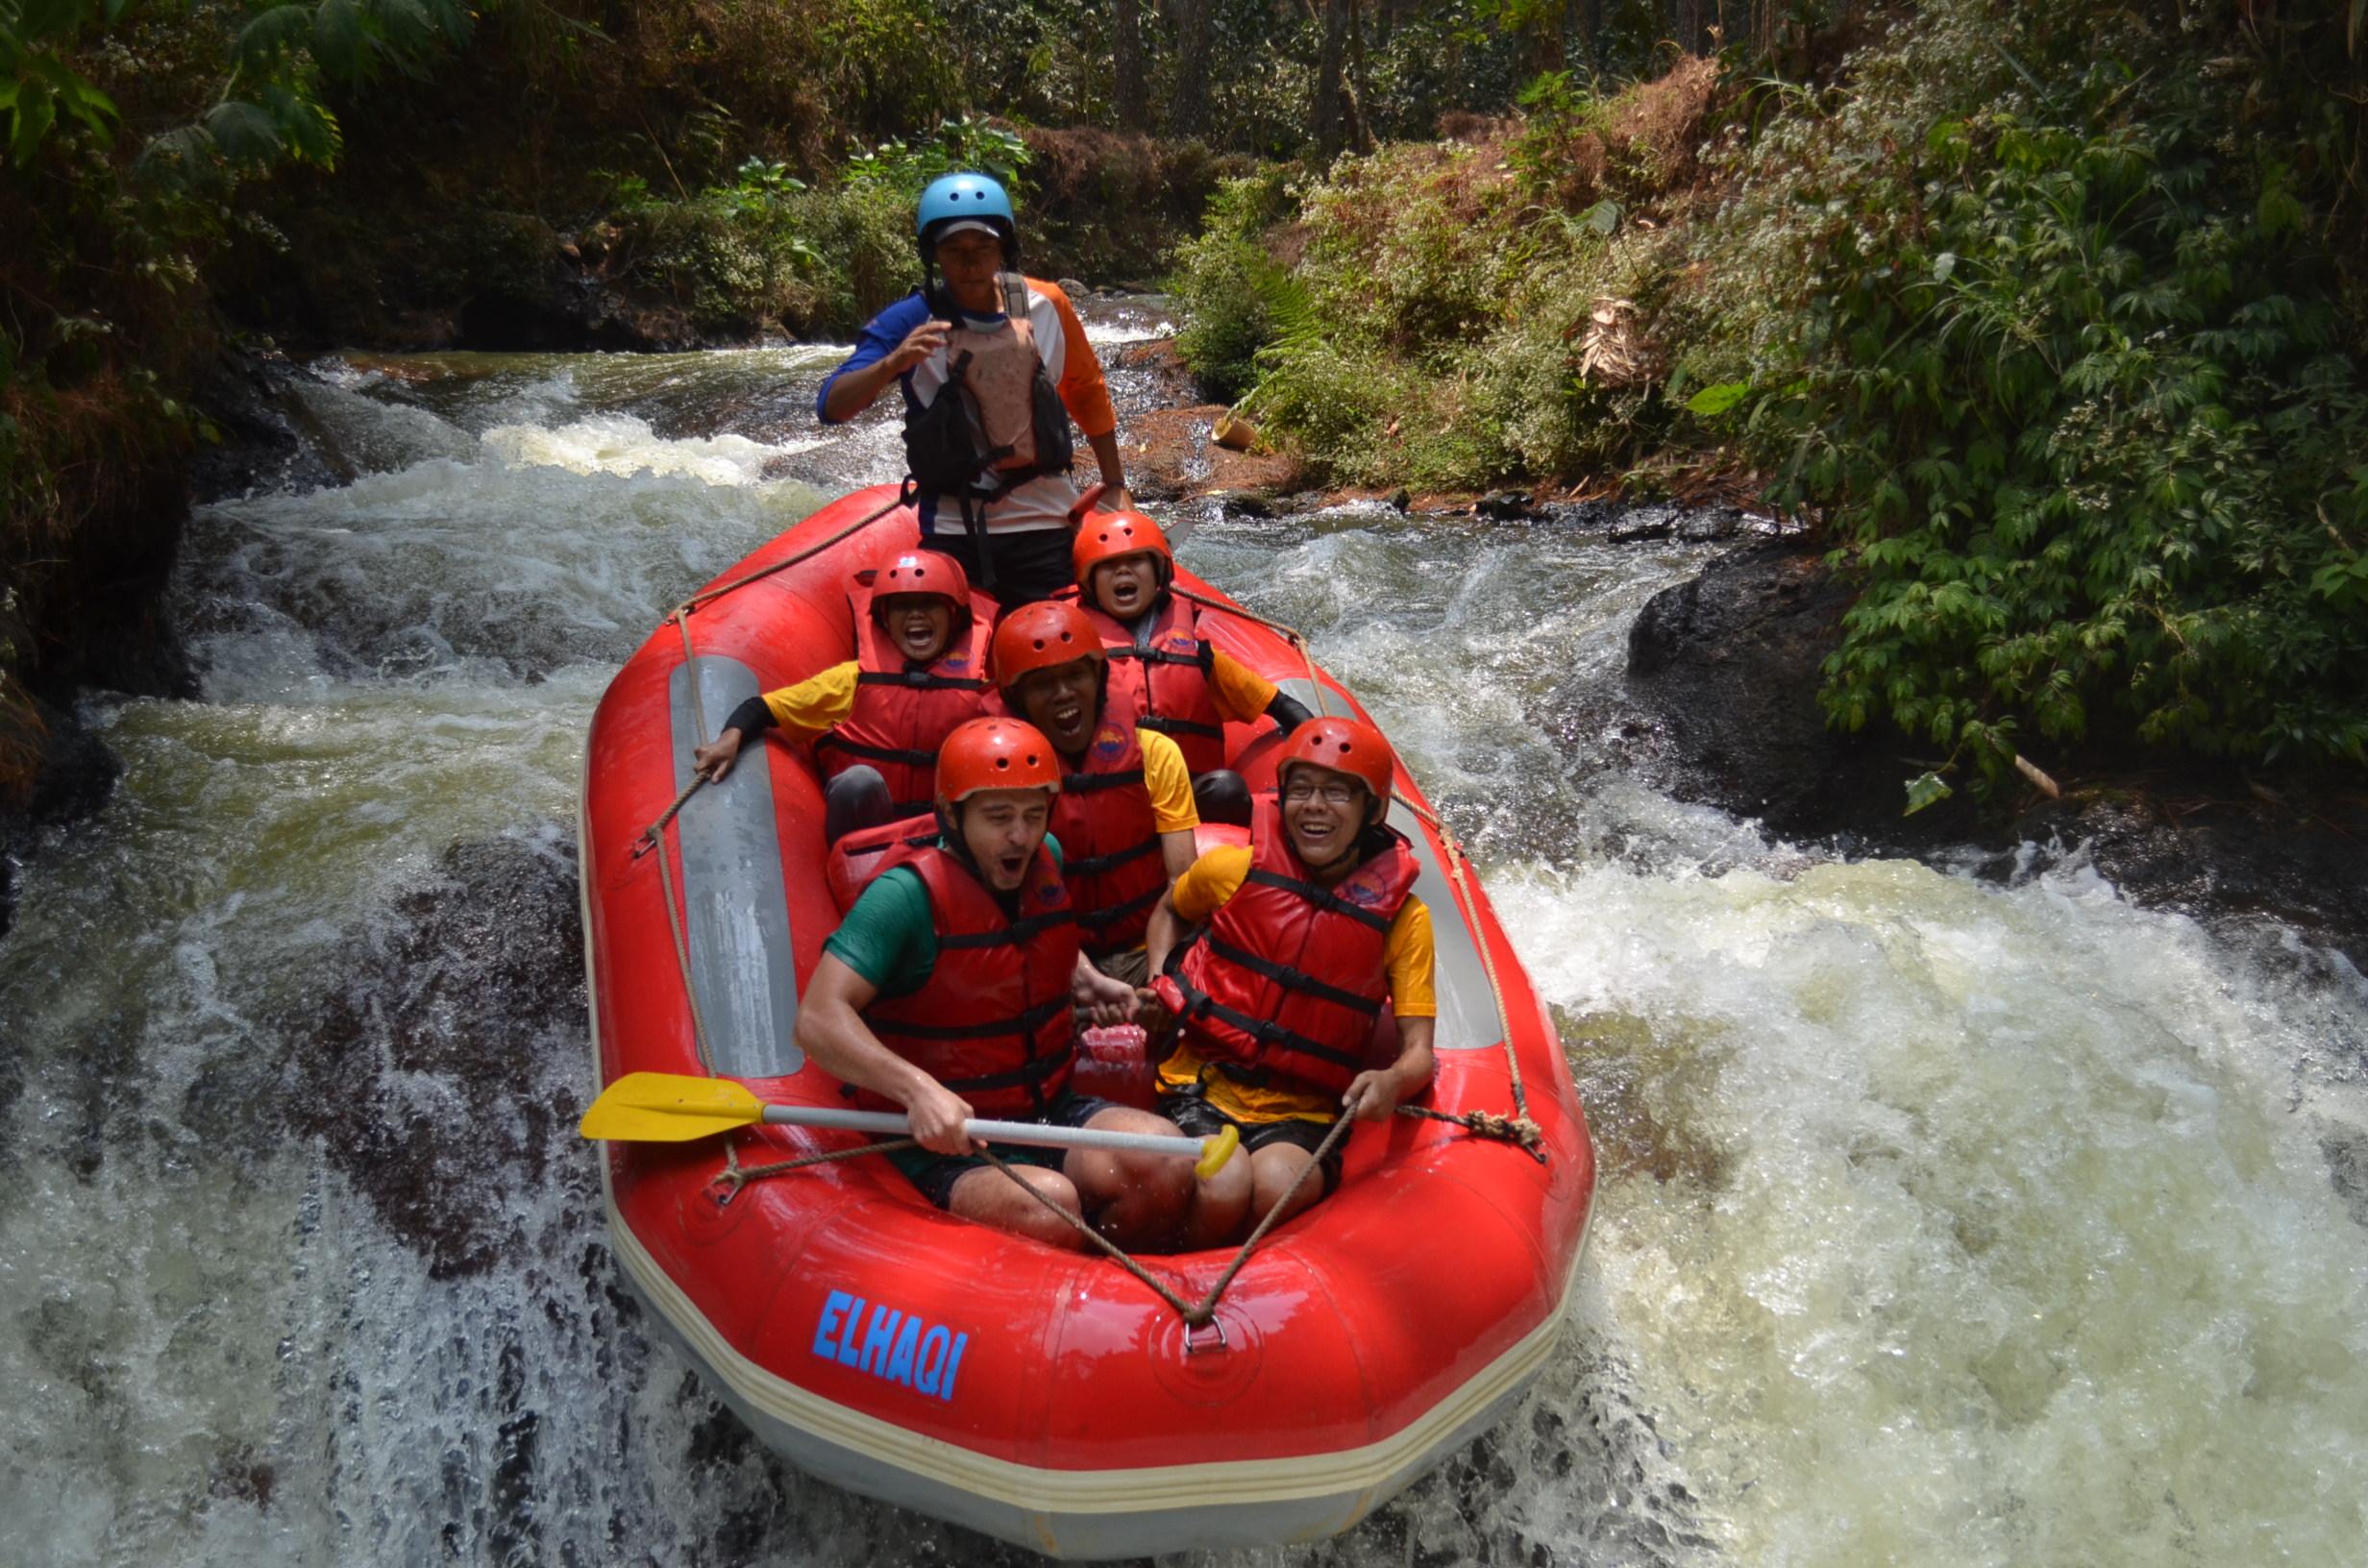 wahana-wisata-rafting-pangalengan-bandung-selatan-15